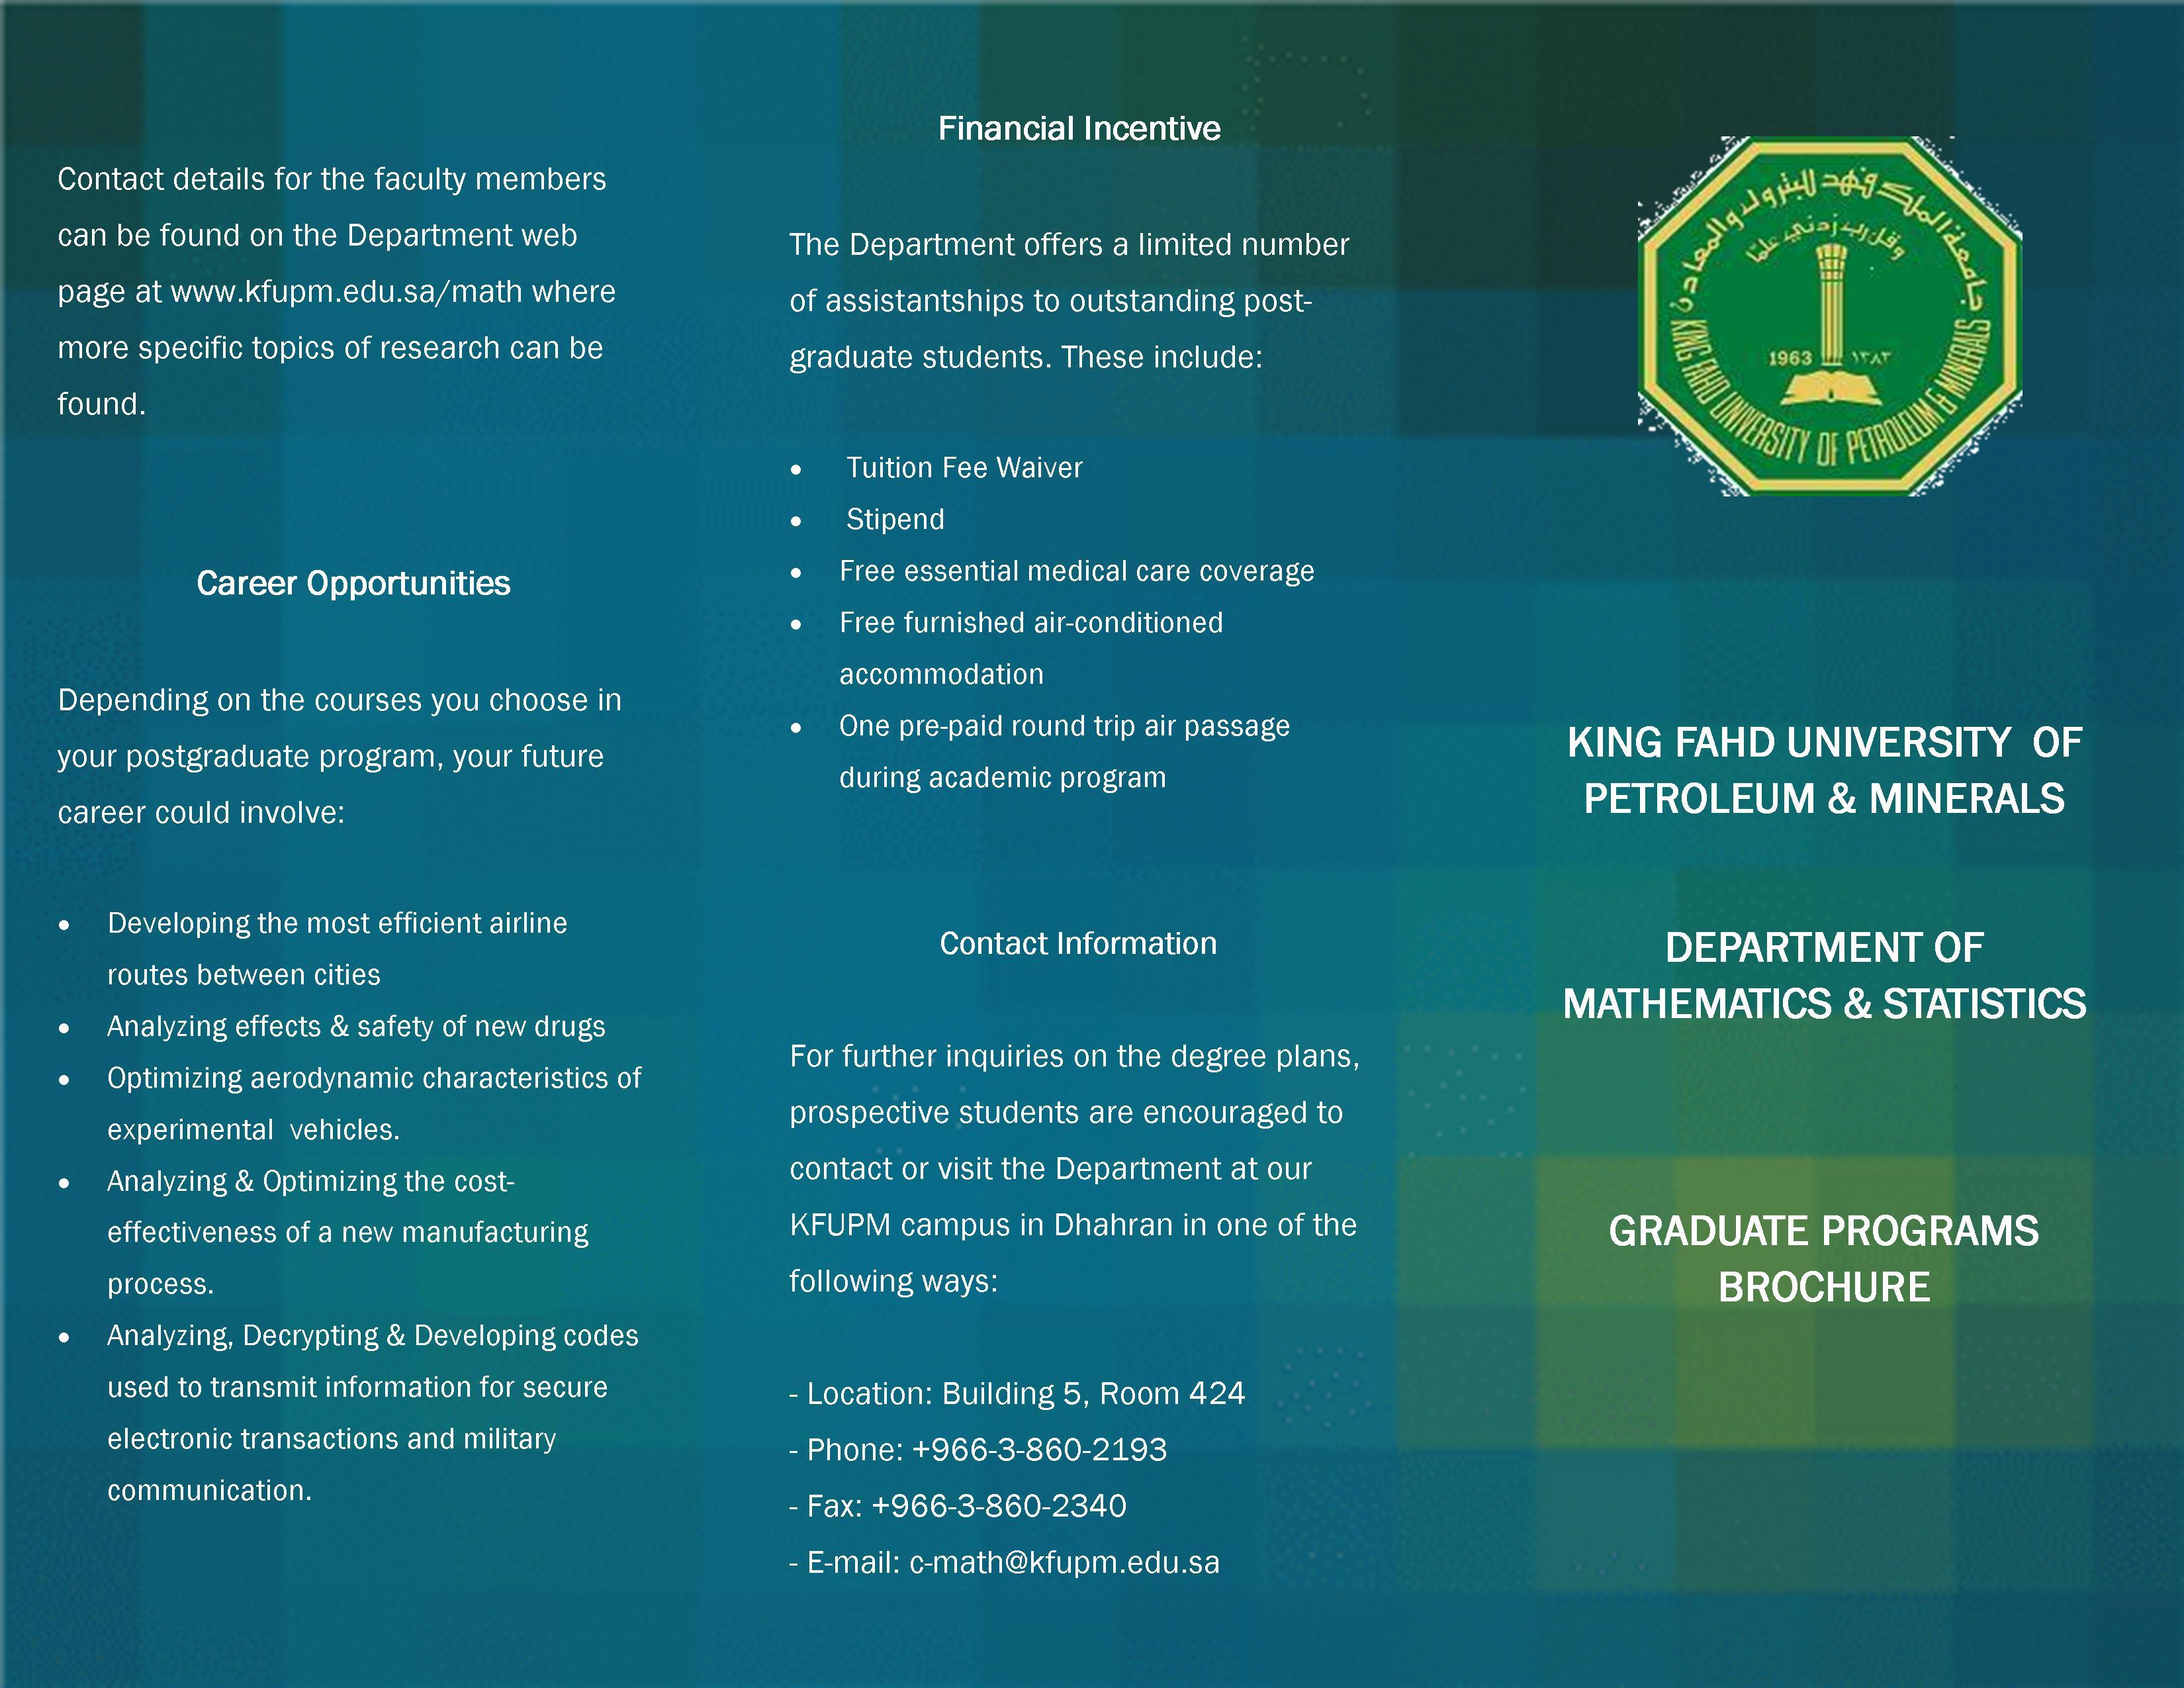 Graduate Program - front of brochure